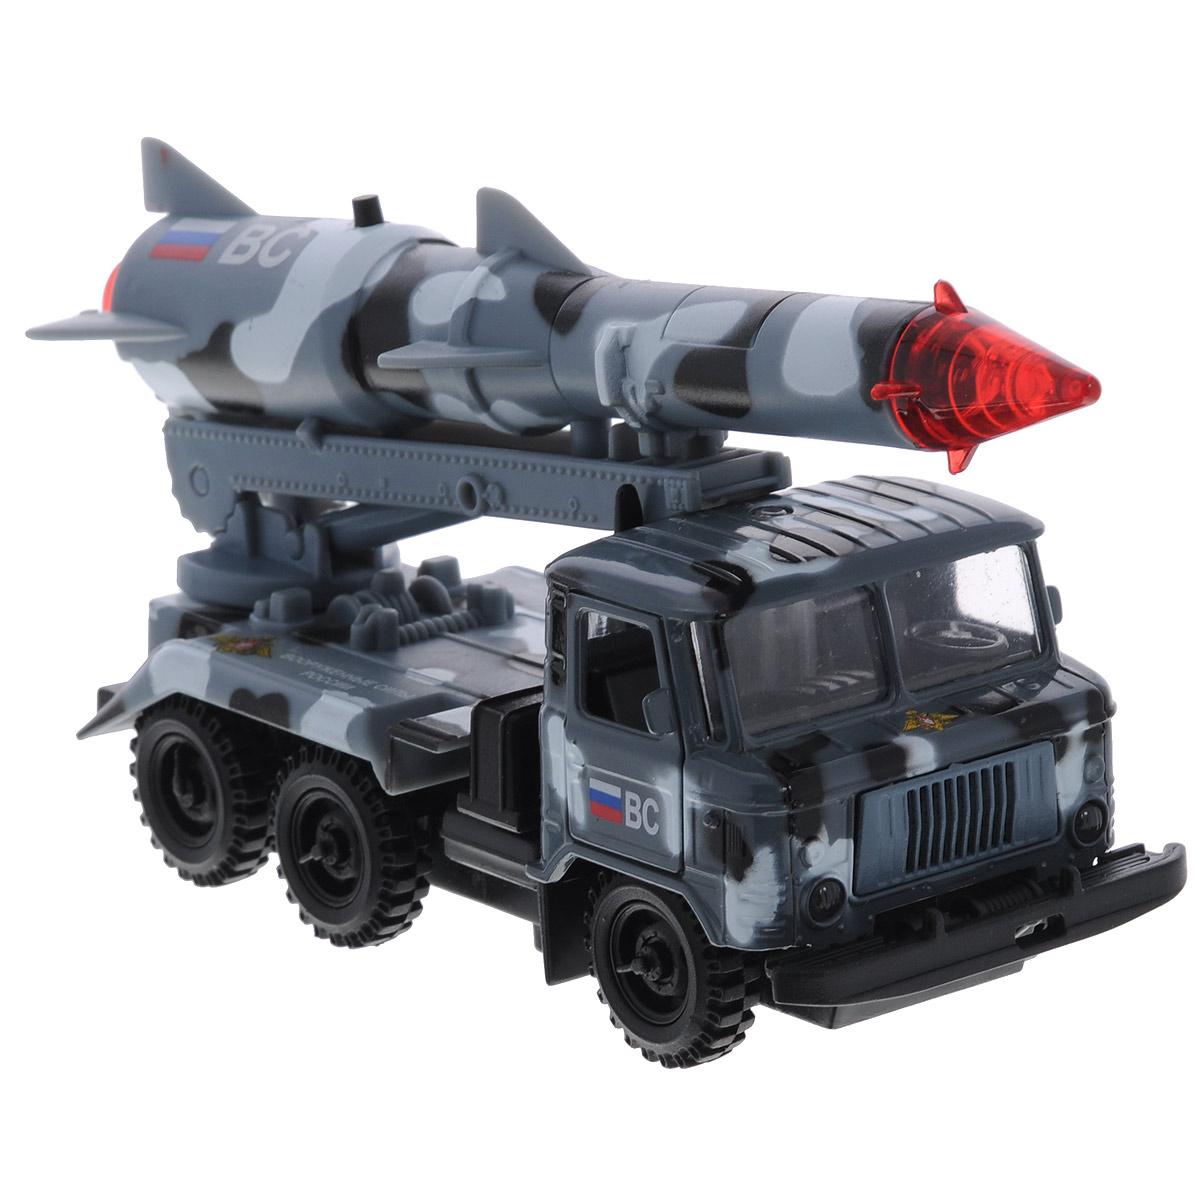 ТехноПарк Машинка инерционная ГАЗ 66 с ракетой цвет серый камуфляжCT-1299-R-4Инерционная машинка ТехноПарк Газ 66 с ракетой Космос, выполненная из пластика и металла, станет любимой игрушкой вашего малыша. Игрушка представляет собой модель военного автомобиля Газ 66, оснащенного подвижной пусковой установкой с ракетой. Дверцы и капот машинки открываются. При нажатии кнопки на ракете боеголовка начинает мигать, при этом слышны звуки стрельбы и команды военных. Игрушка оснащена инерционным ходом. Машинку необходимо отвести назад, затем отпустить - и она быстро поедет вперед. Прорезиненные колеса обеспечивают надежное сцепление с любой гладкой поверхностью. Ваш ребенок будет часами играть с этой машинкой, придумывая различные истории. Порадуйте его таким замечательным подарком! Машинка работает от батареек (товар комплектуется демонстрационными).